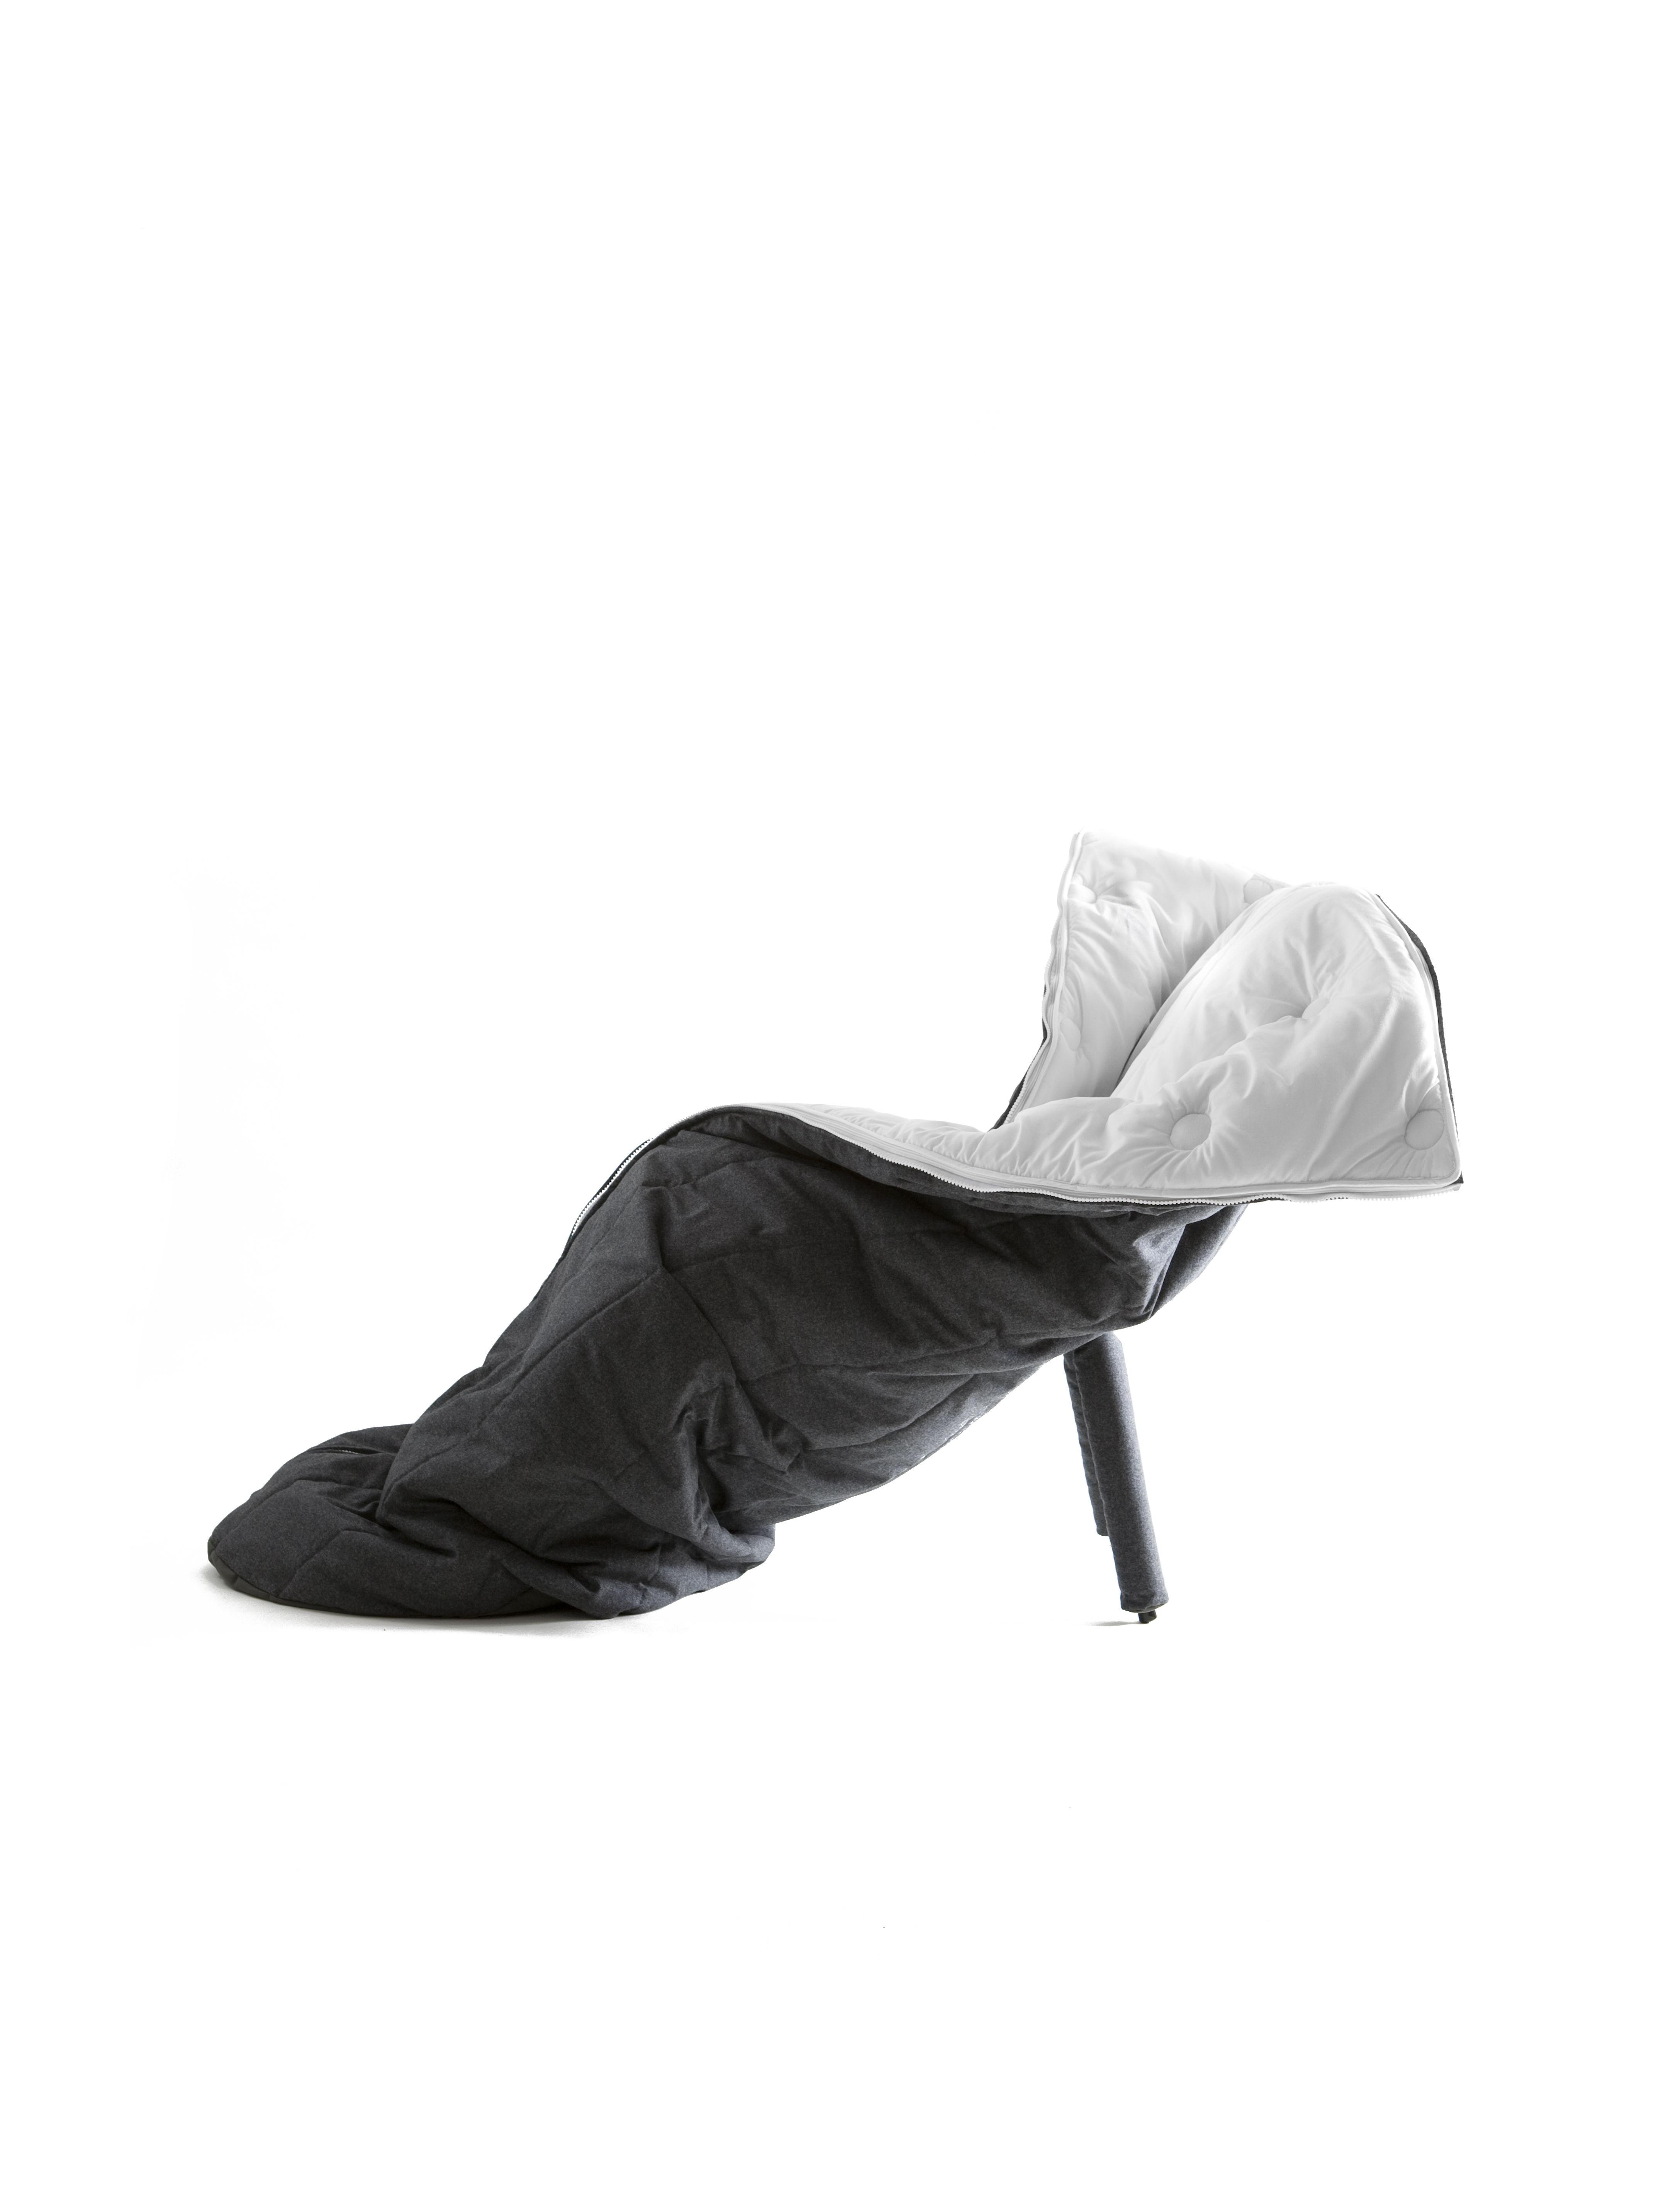 fauteuil cocon gris super ette. Black Bedroom Furniture Sets. Home Design Ideas